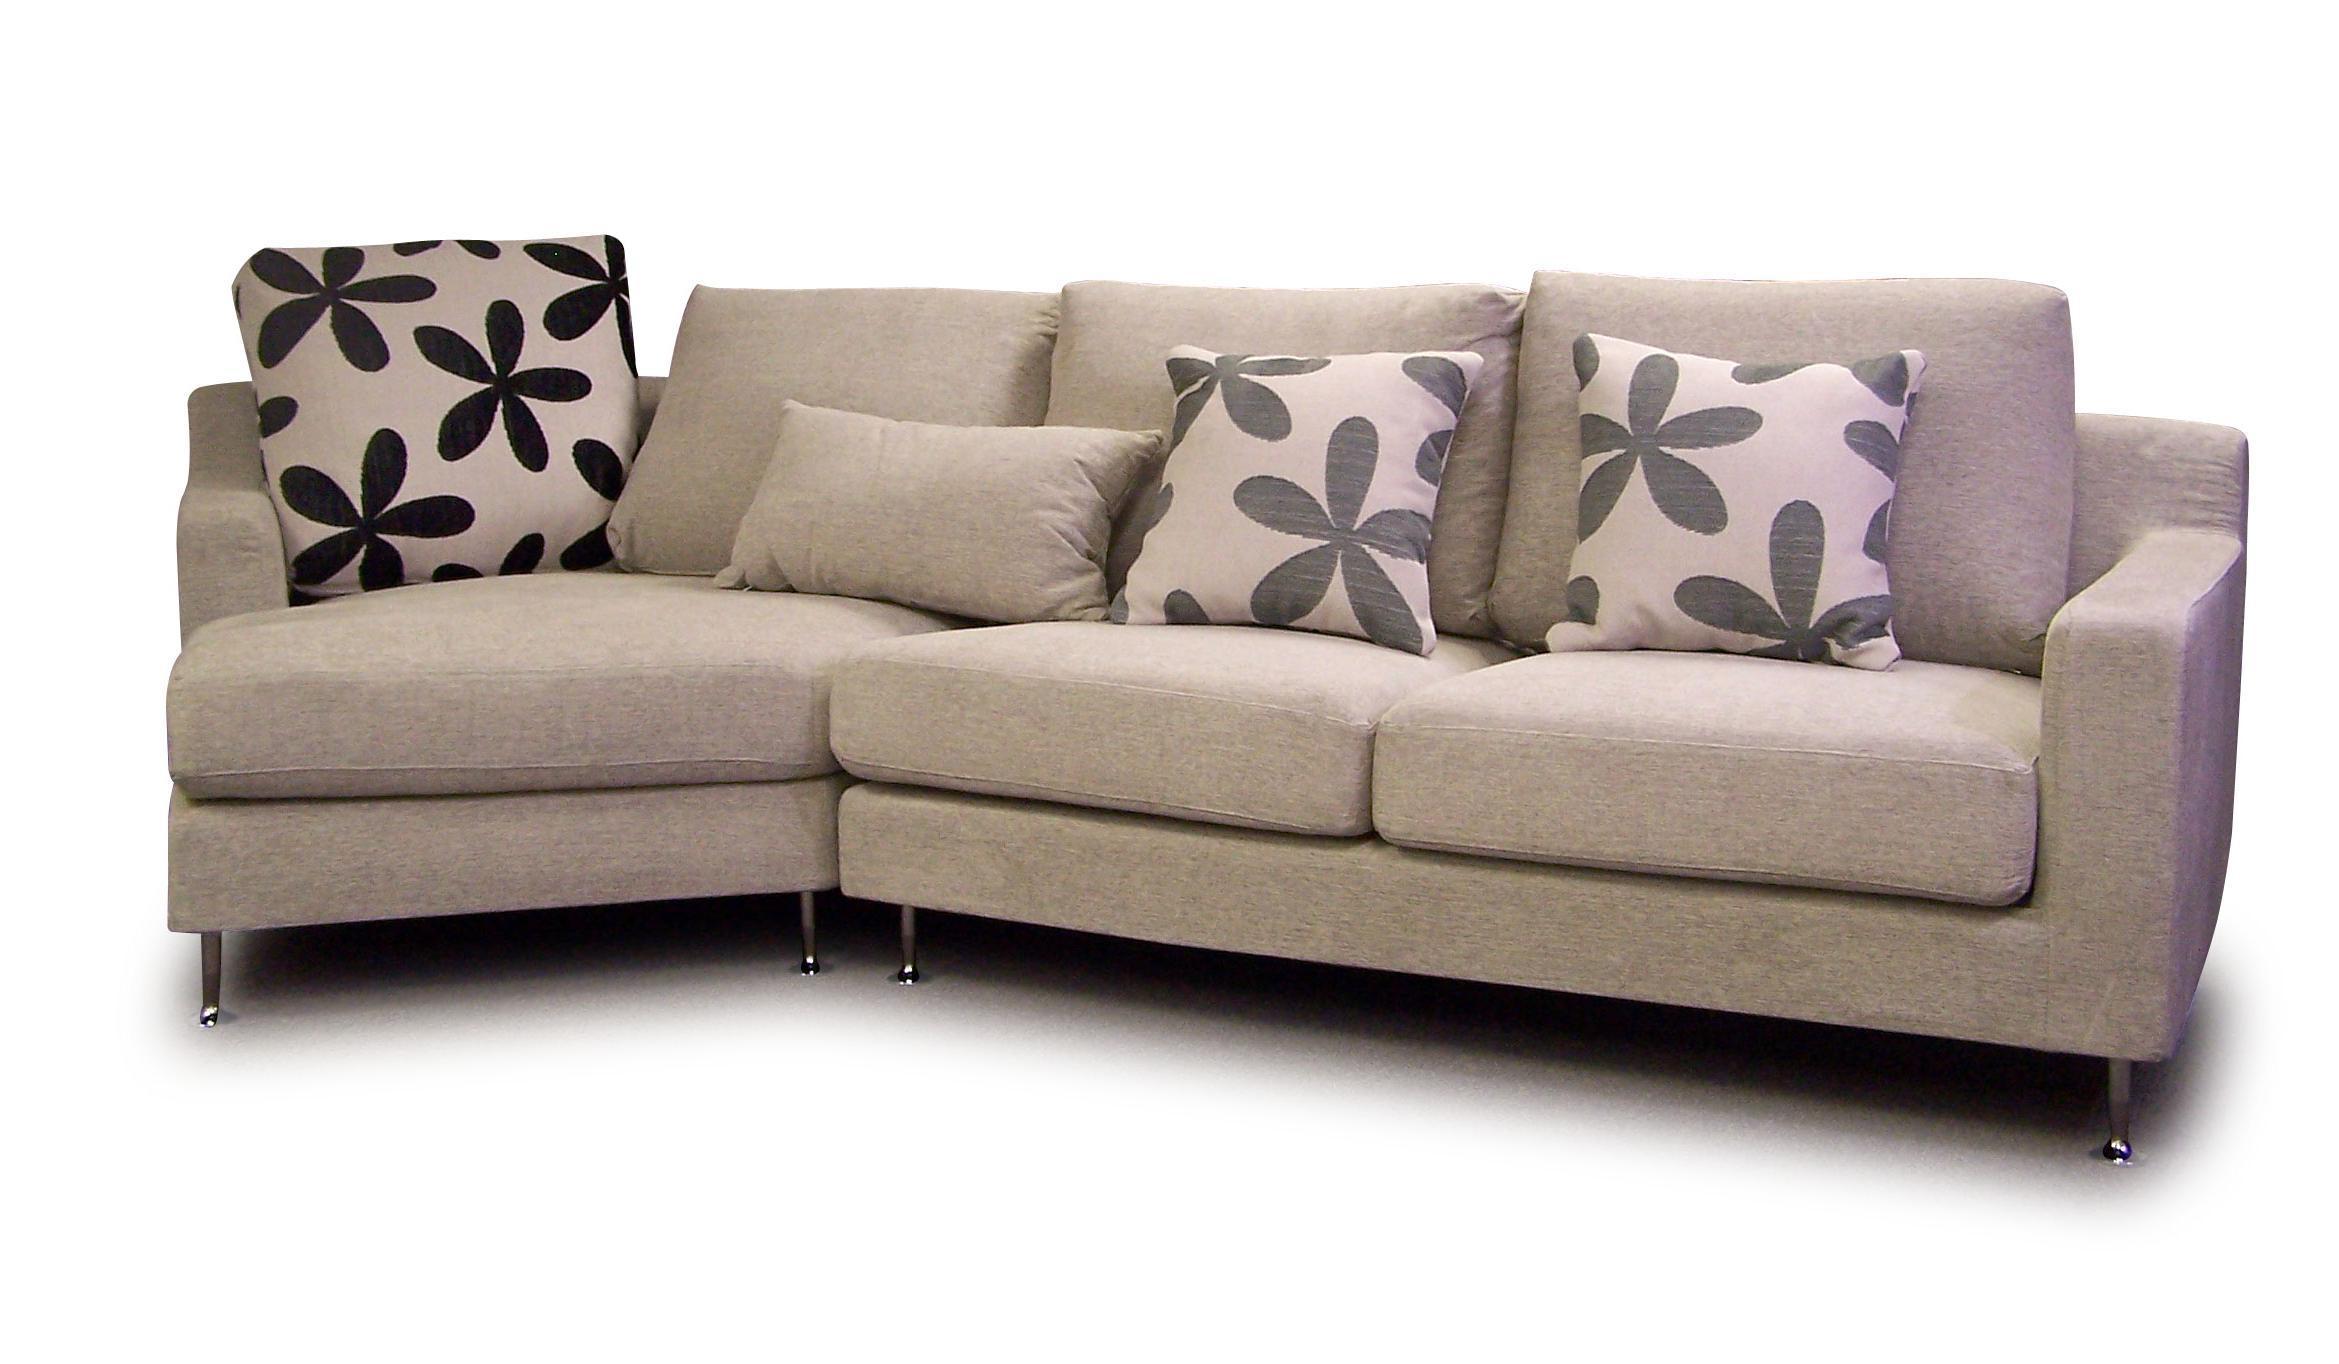 Inexpensive Furniture Kelowna Album Google 43